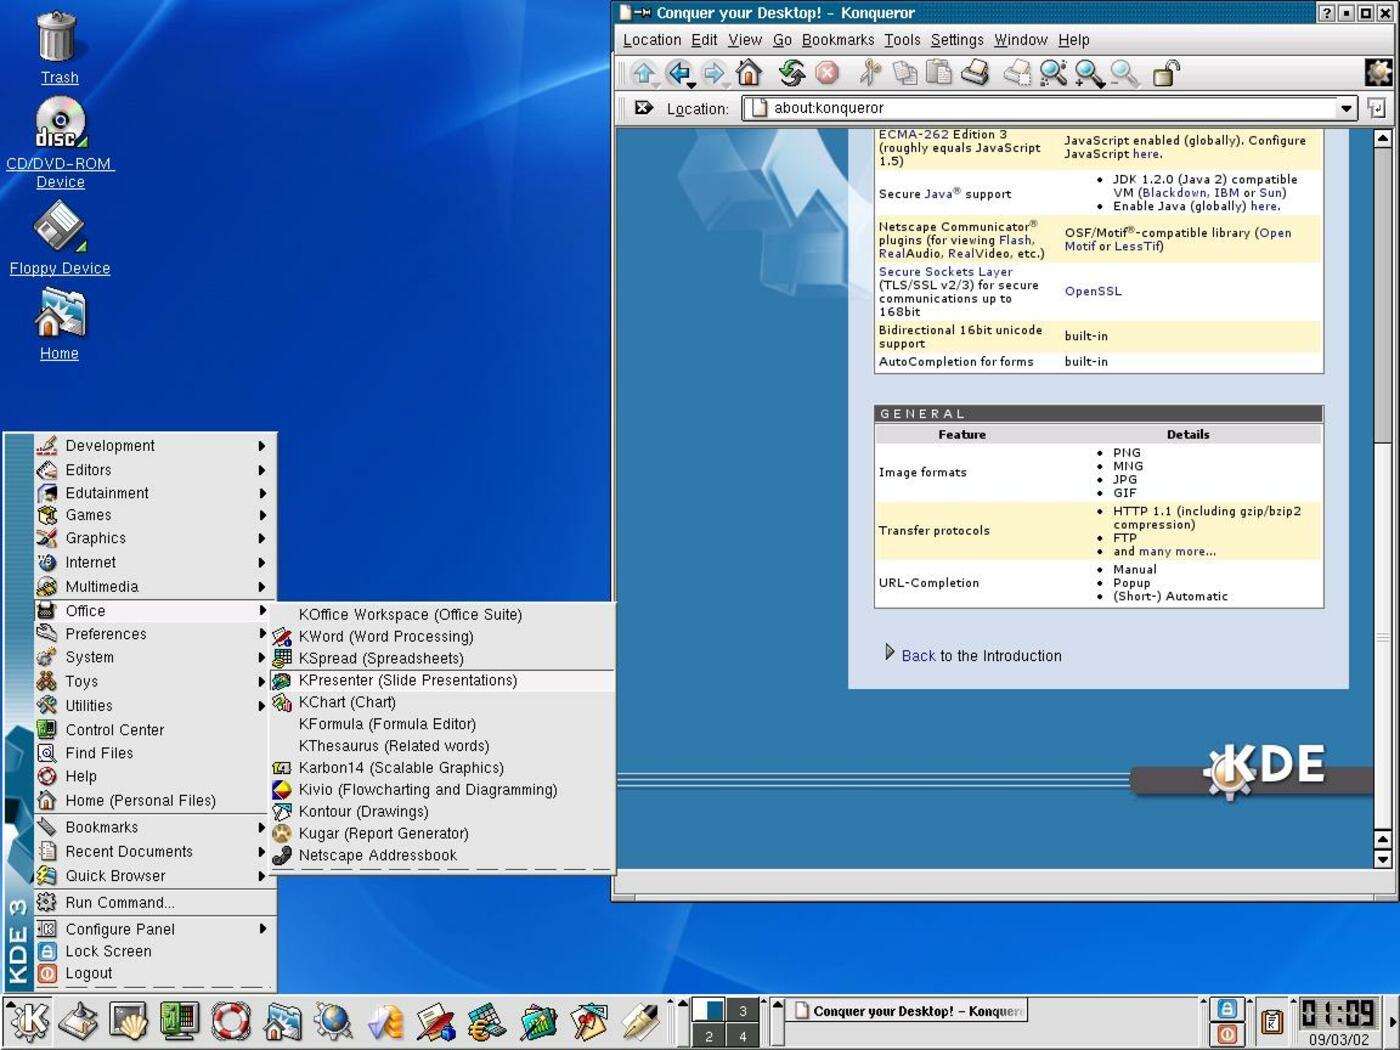 KDE 3